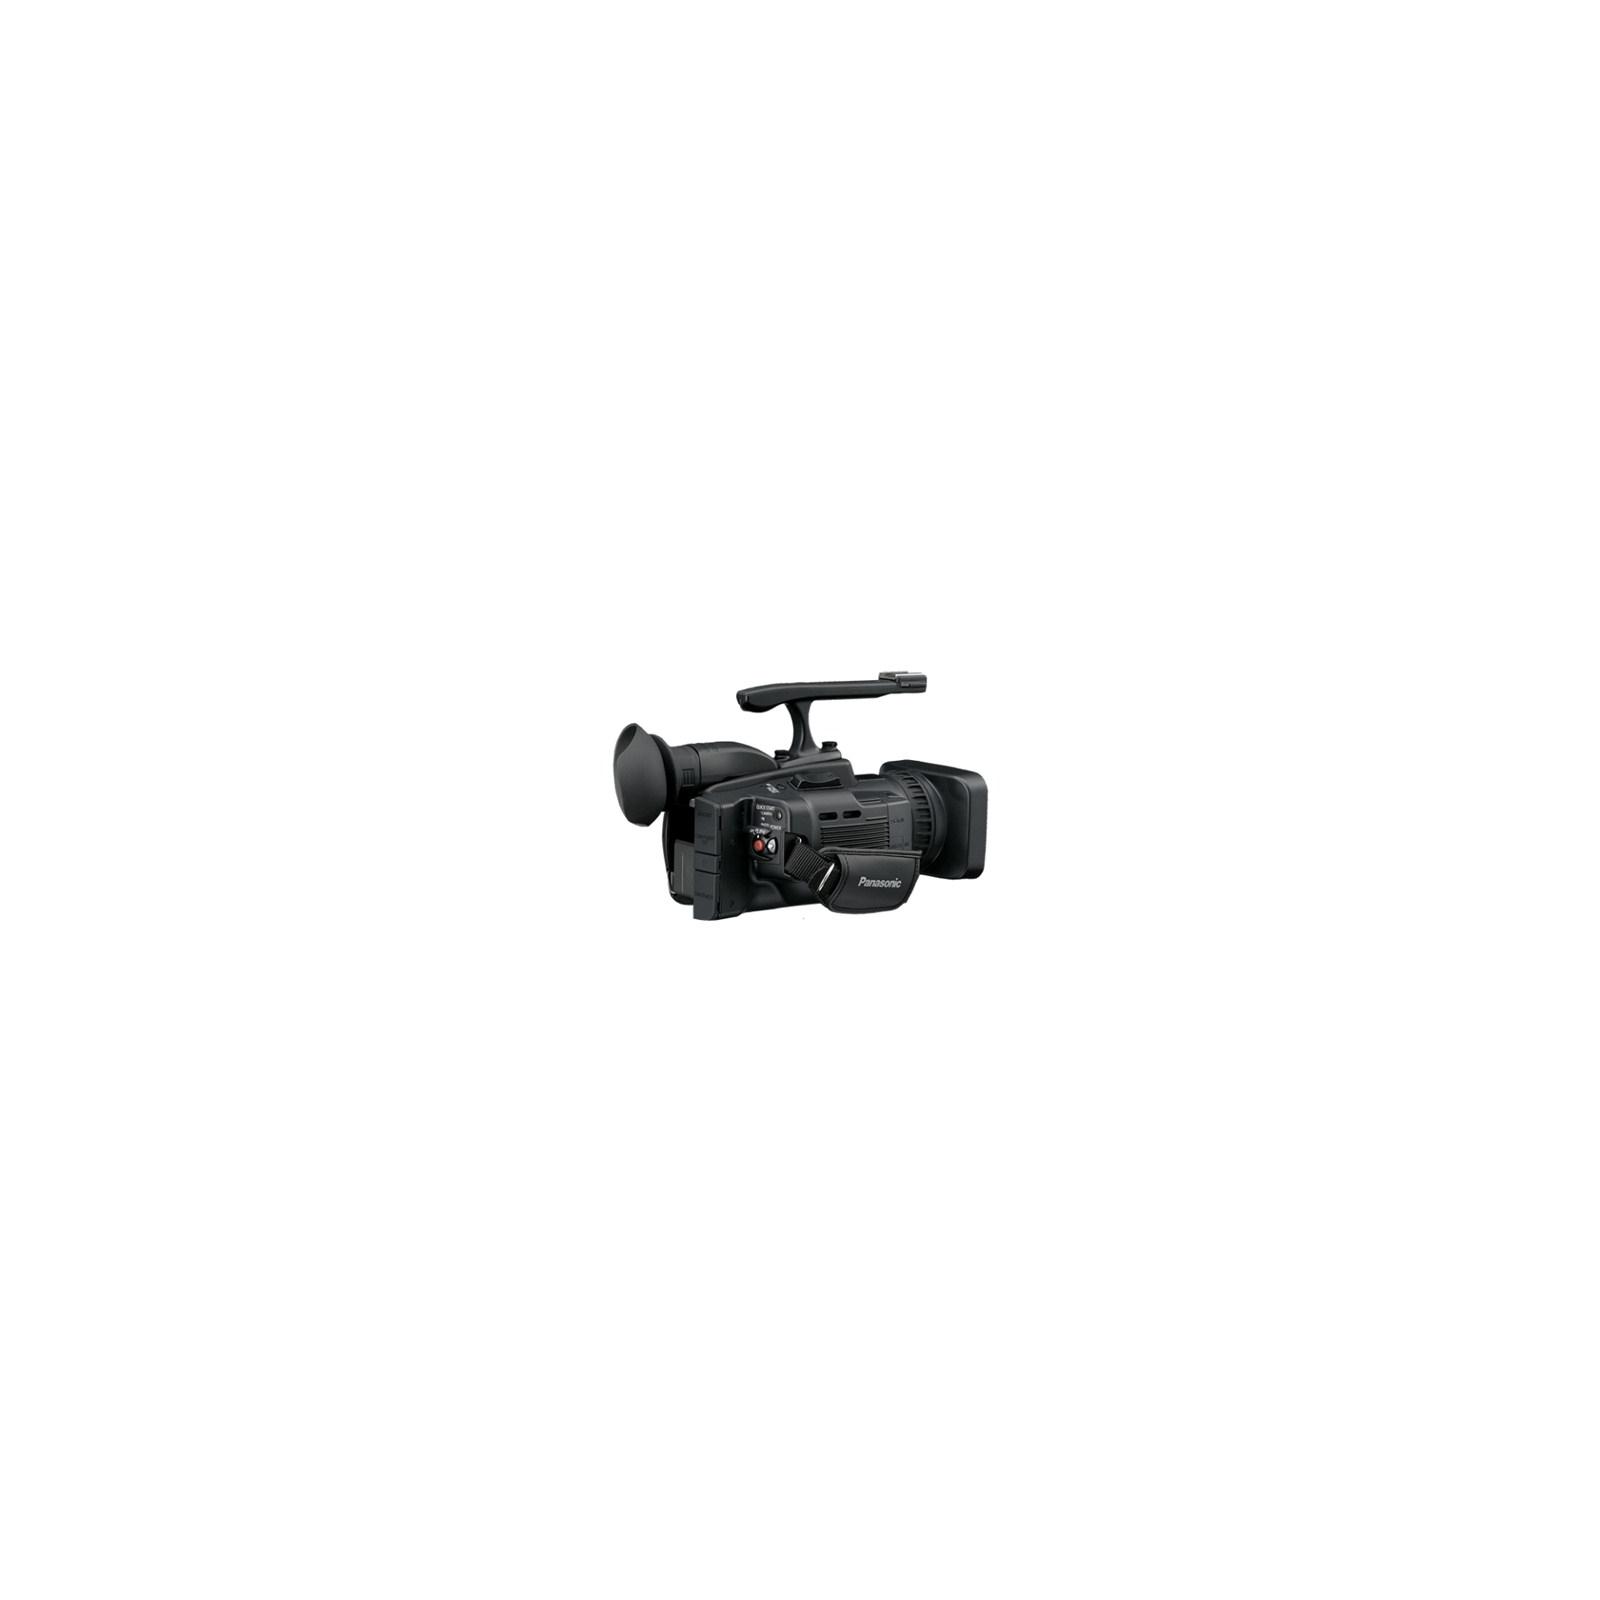 Цифровая видеокамера PANASONIC AG-HMC-41 изображение 3